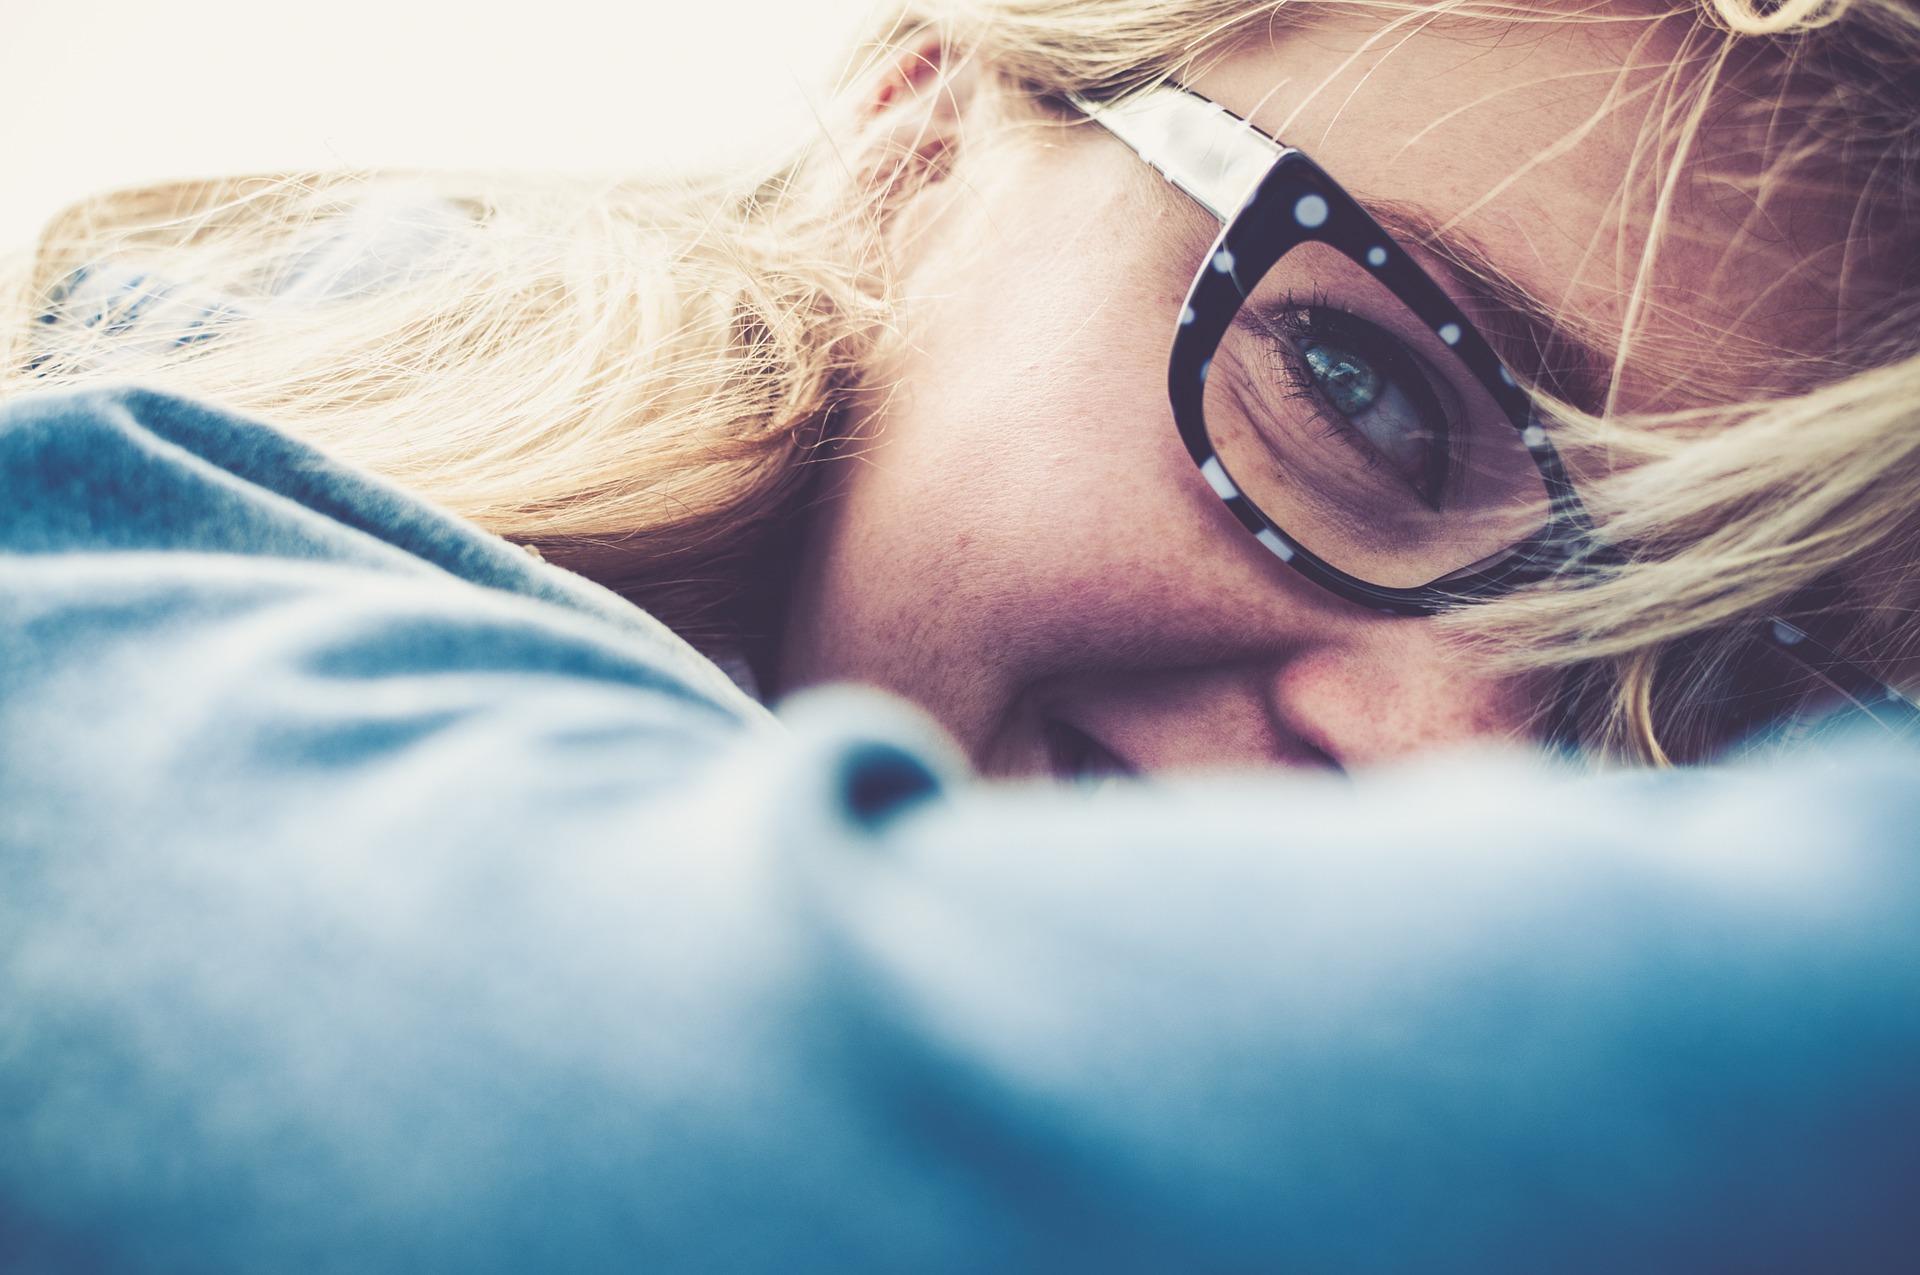 Νέο κορίτσι με γυαλιά χαίρεται